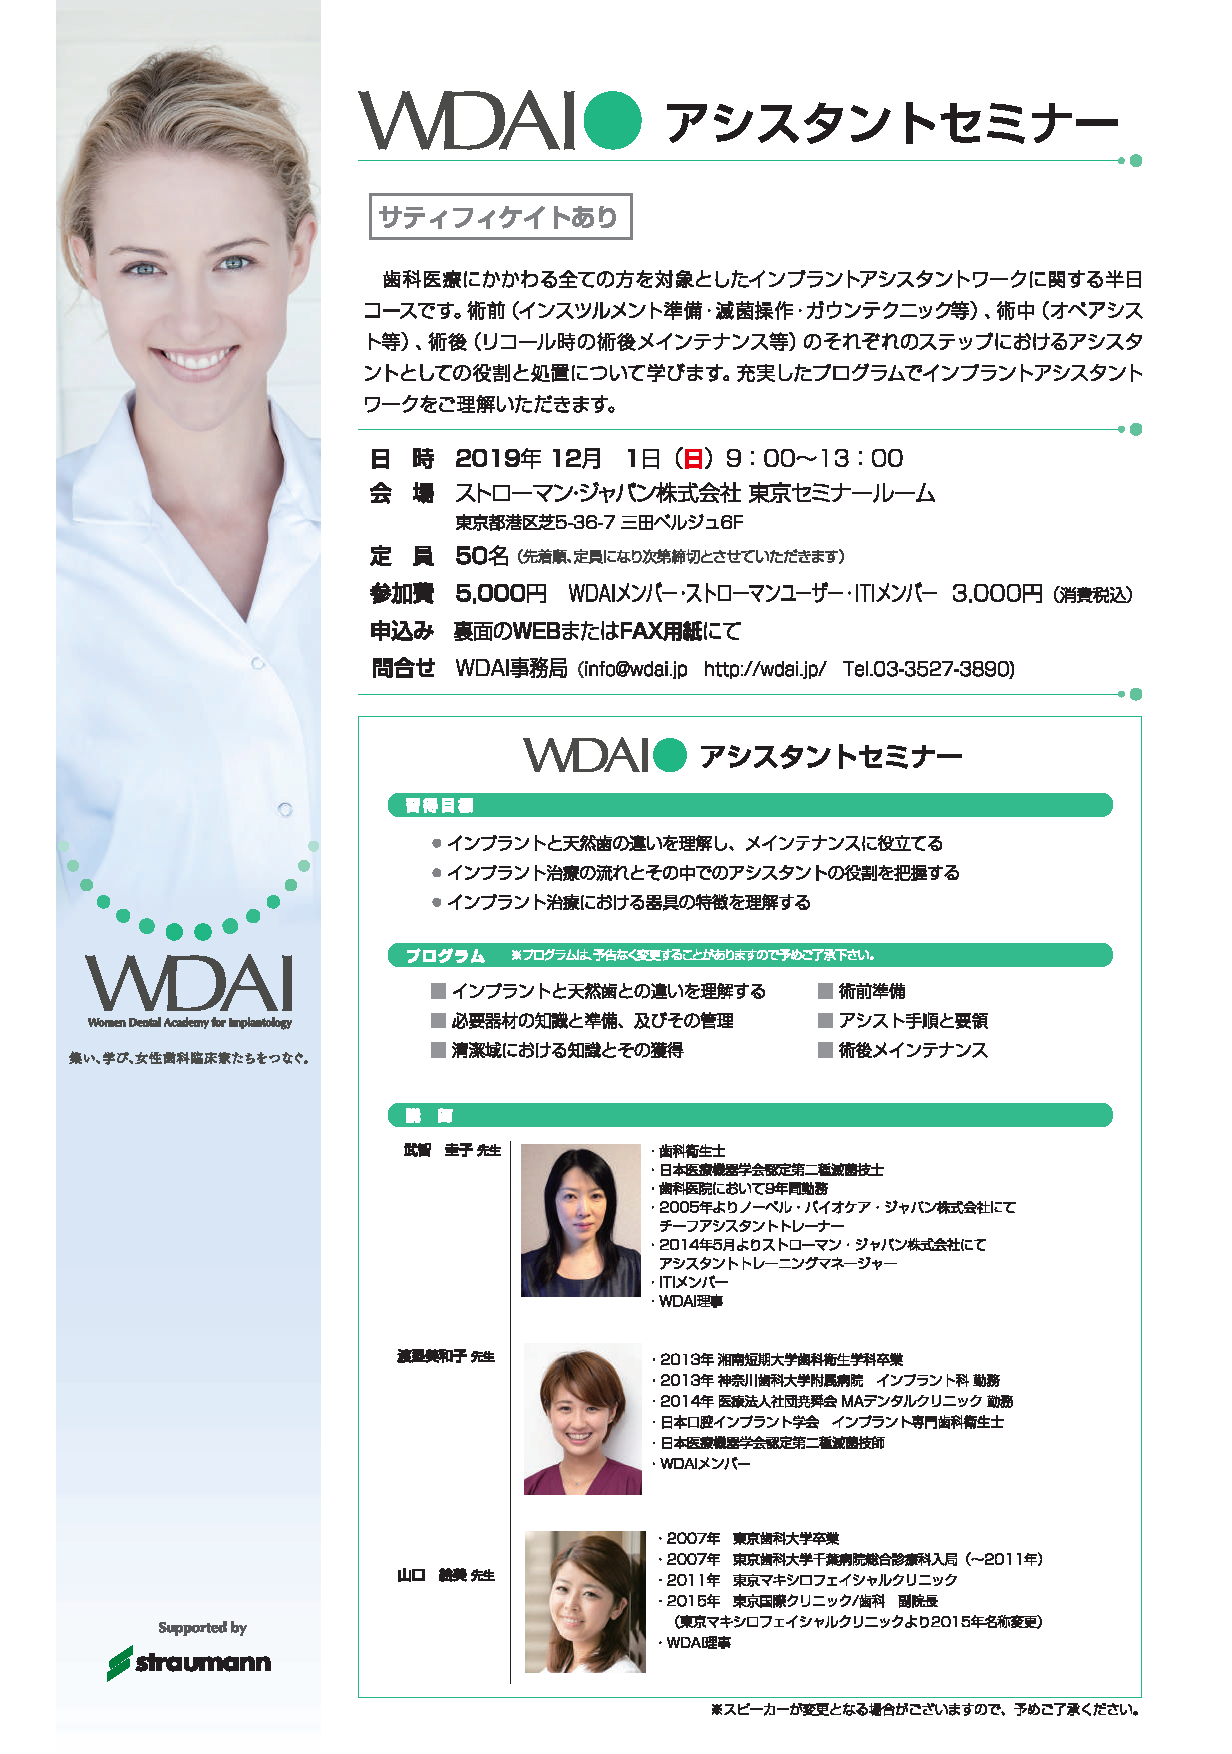 【WDAI主催】アシスタントセミナー